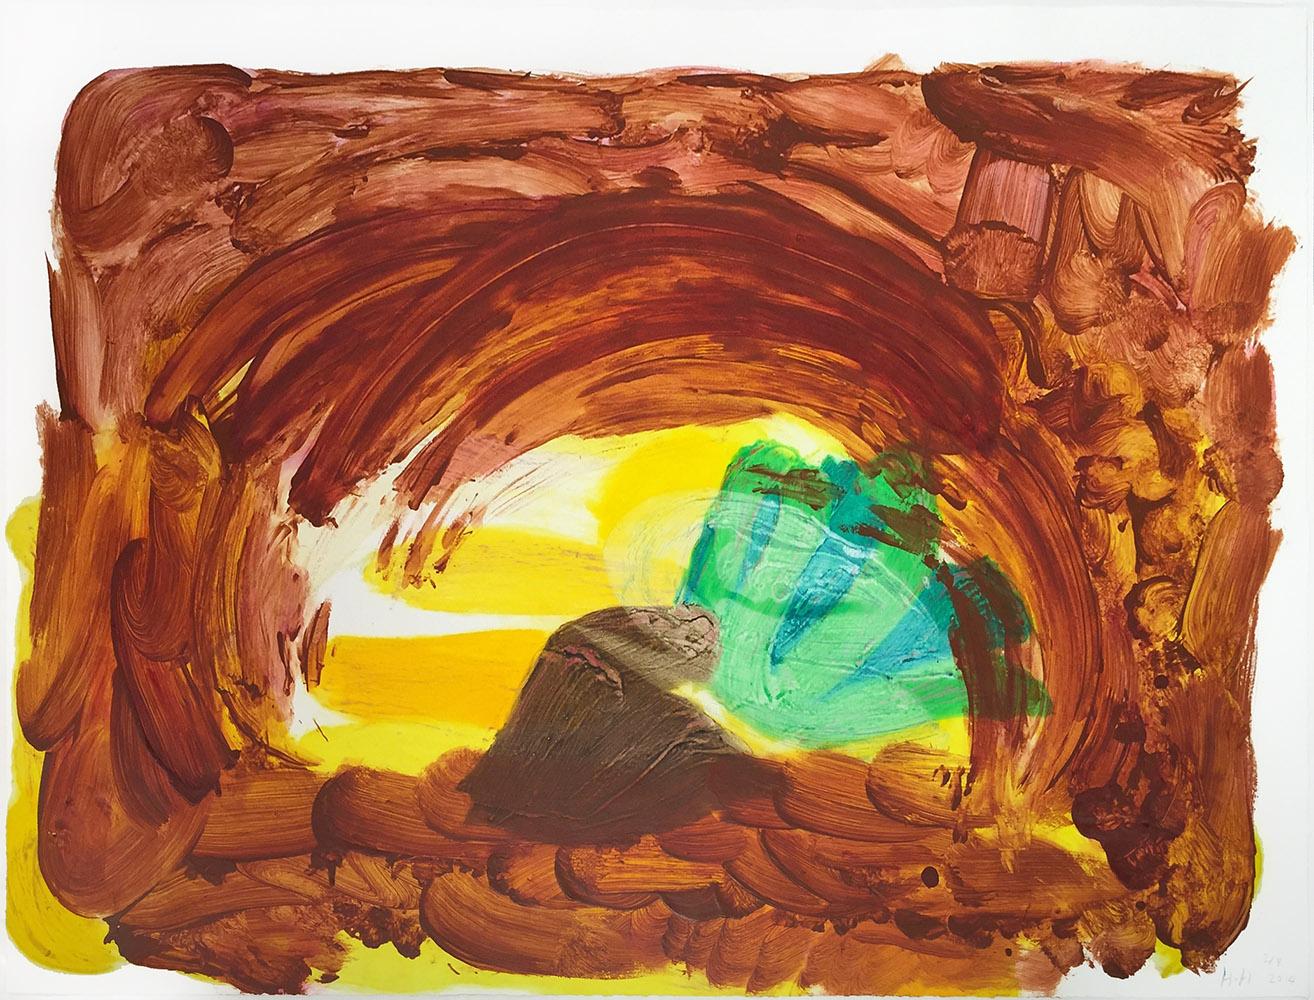 Abstract Howard Hodgkin Print Brown Yellow